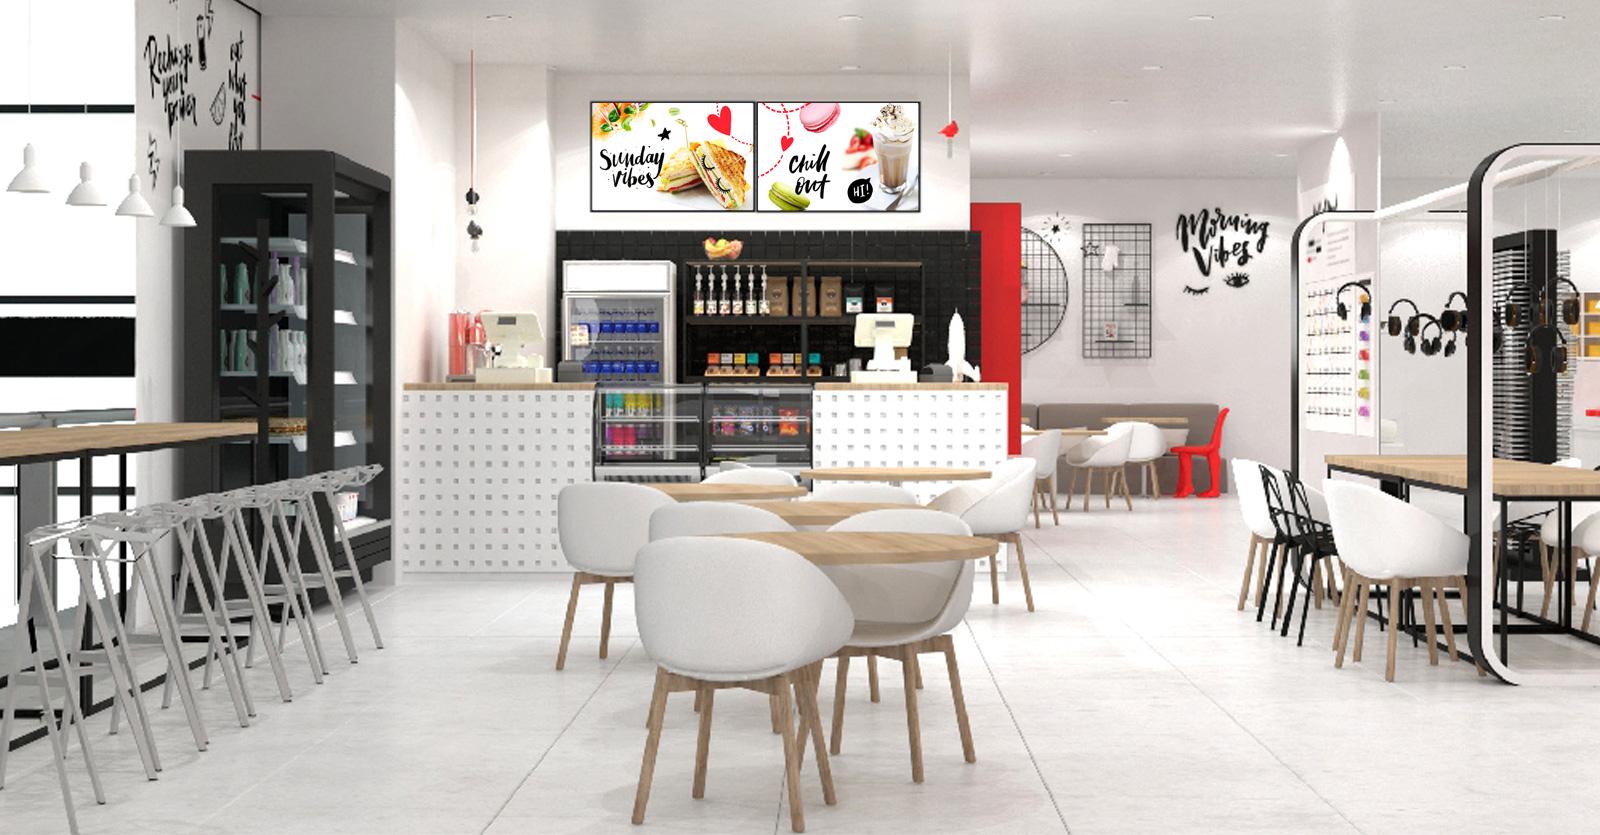 Дизайн-проект интерьера кафе Modi разработан на примере объекта площадью 80 кв.м и позволяет с легкостью масштабировать формат под любое помещение